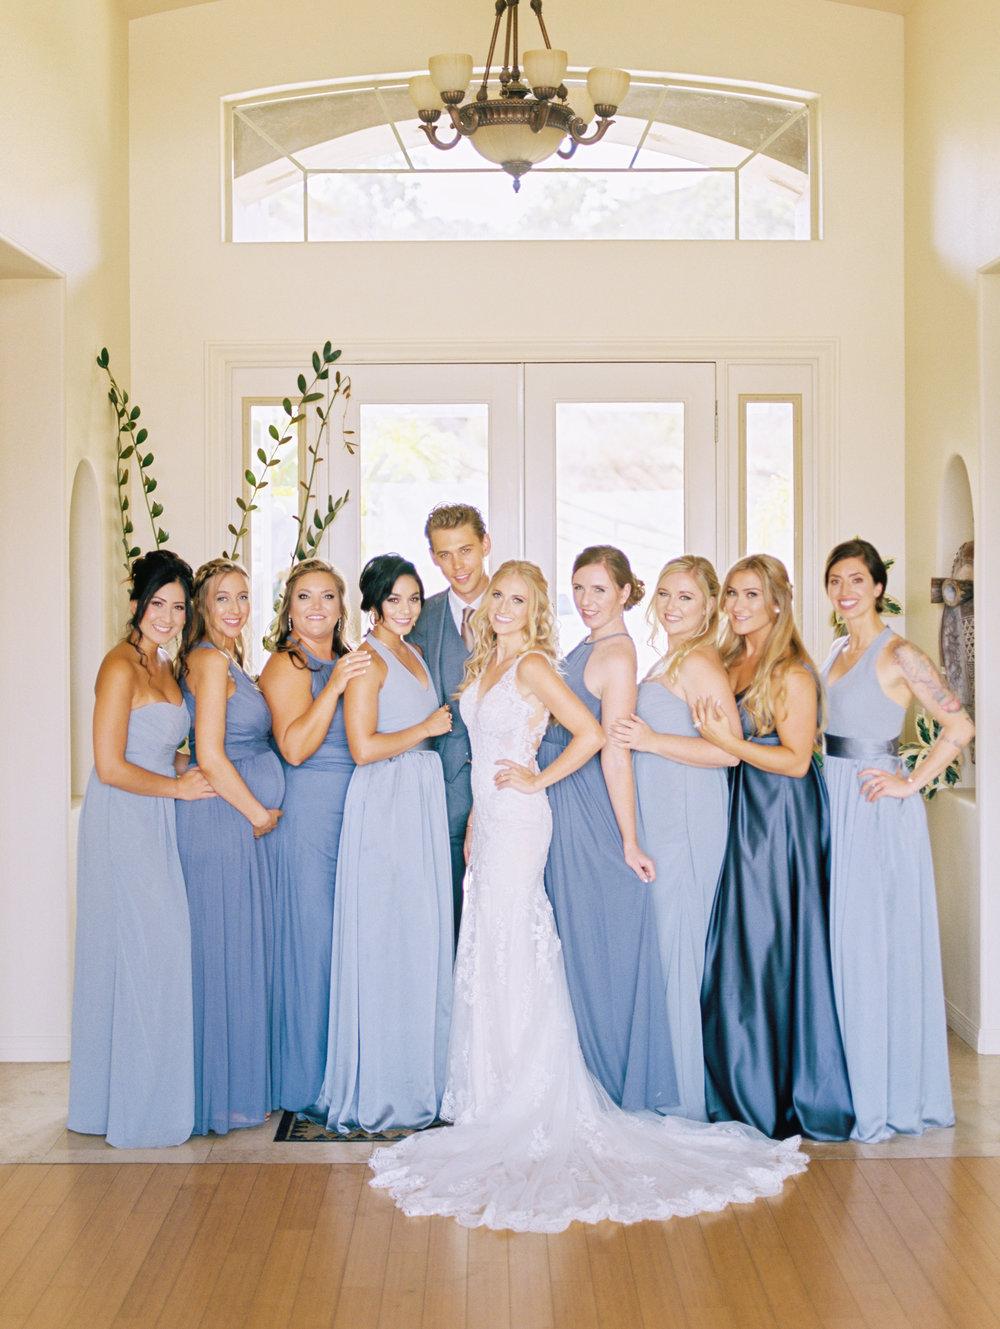 dennisroycoronel_ashleyanthony_vanessahudgens_austinbutler_wedding_losangeles_photographer-45.jpg